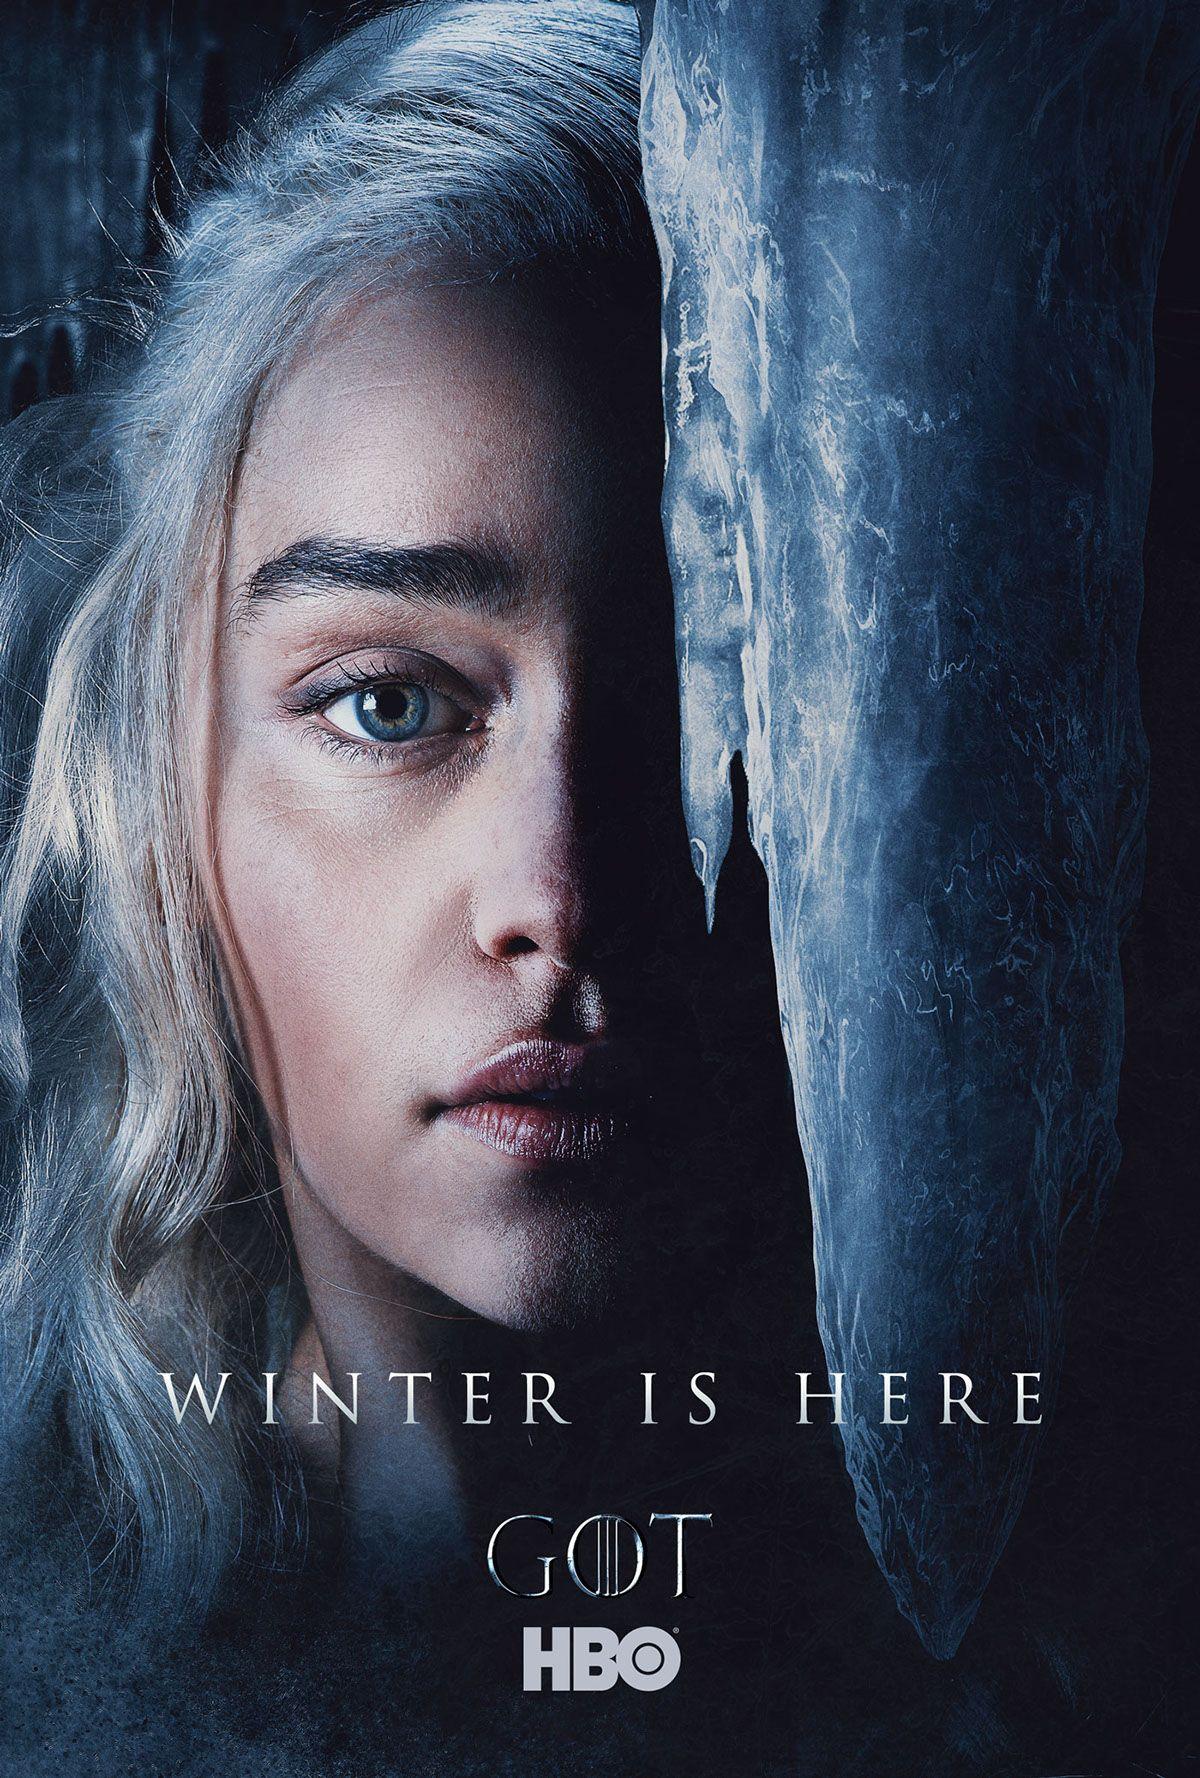 Game Of Thrones Sens Critique : thrones, critique, THRONES:, Behance, Игра, престолов,, Дейенерис, таргариен,, Валар, моргулис